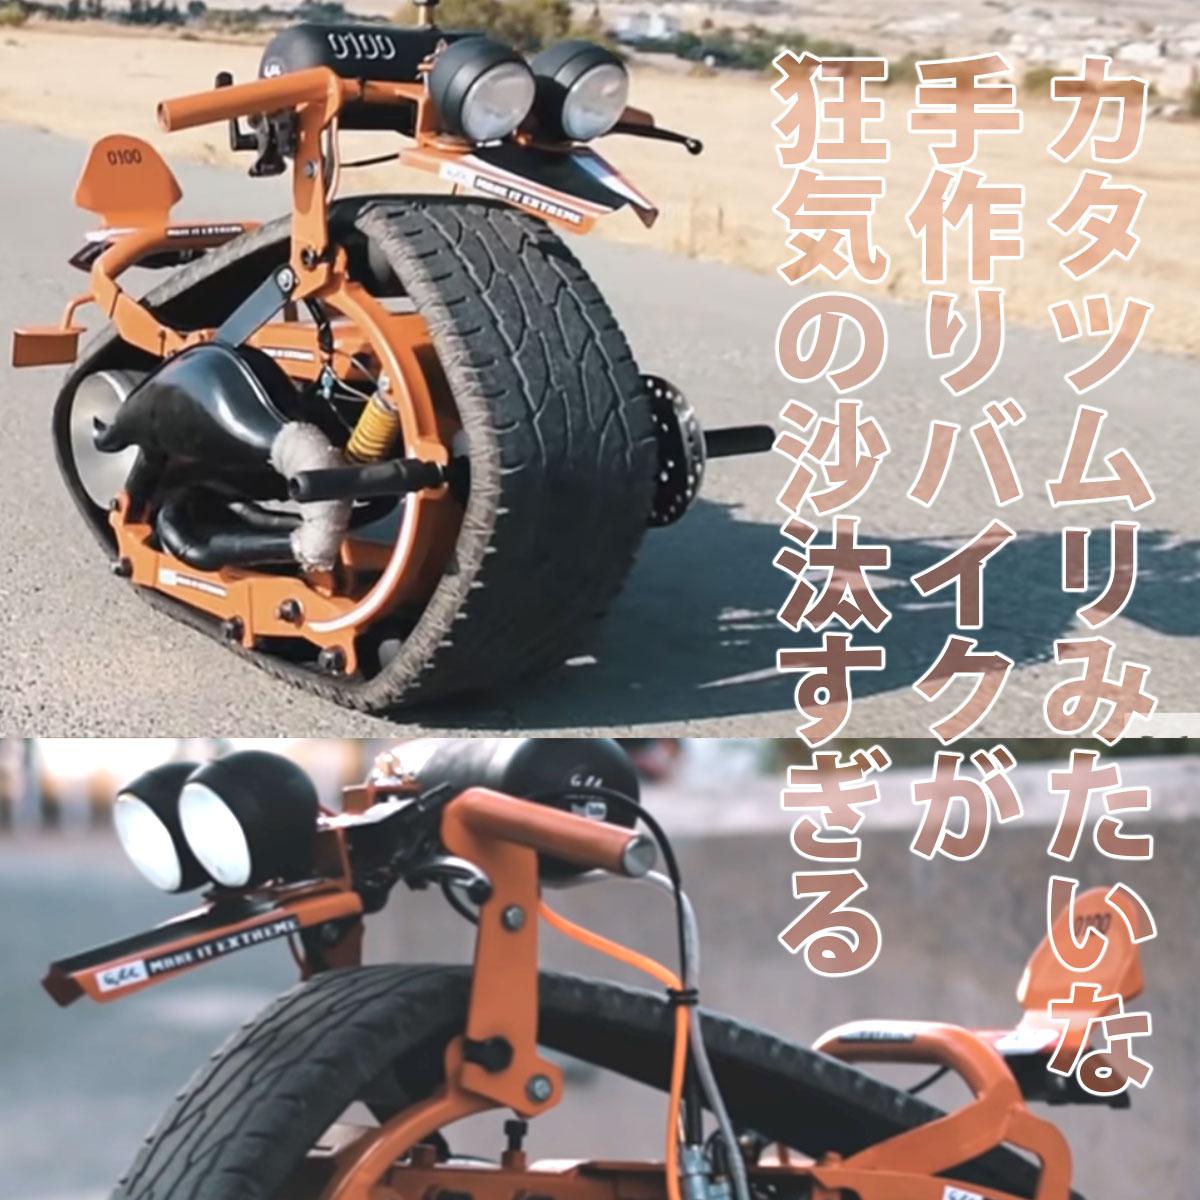 カタツムリみたいな手作りバイクが狂気の沙汰すぎる